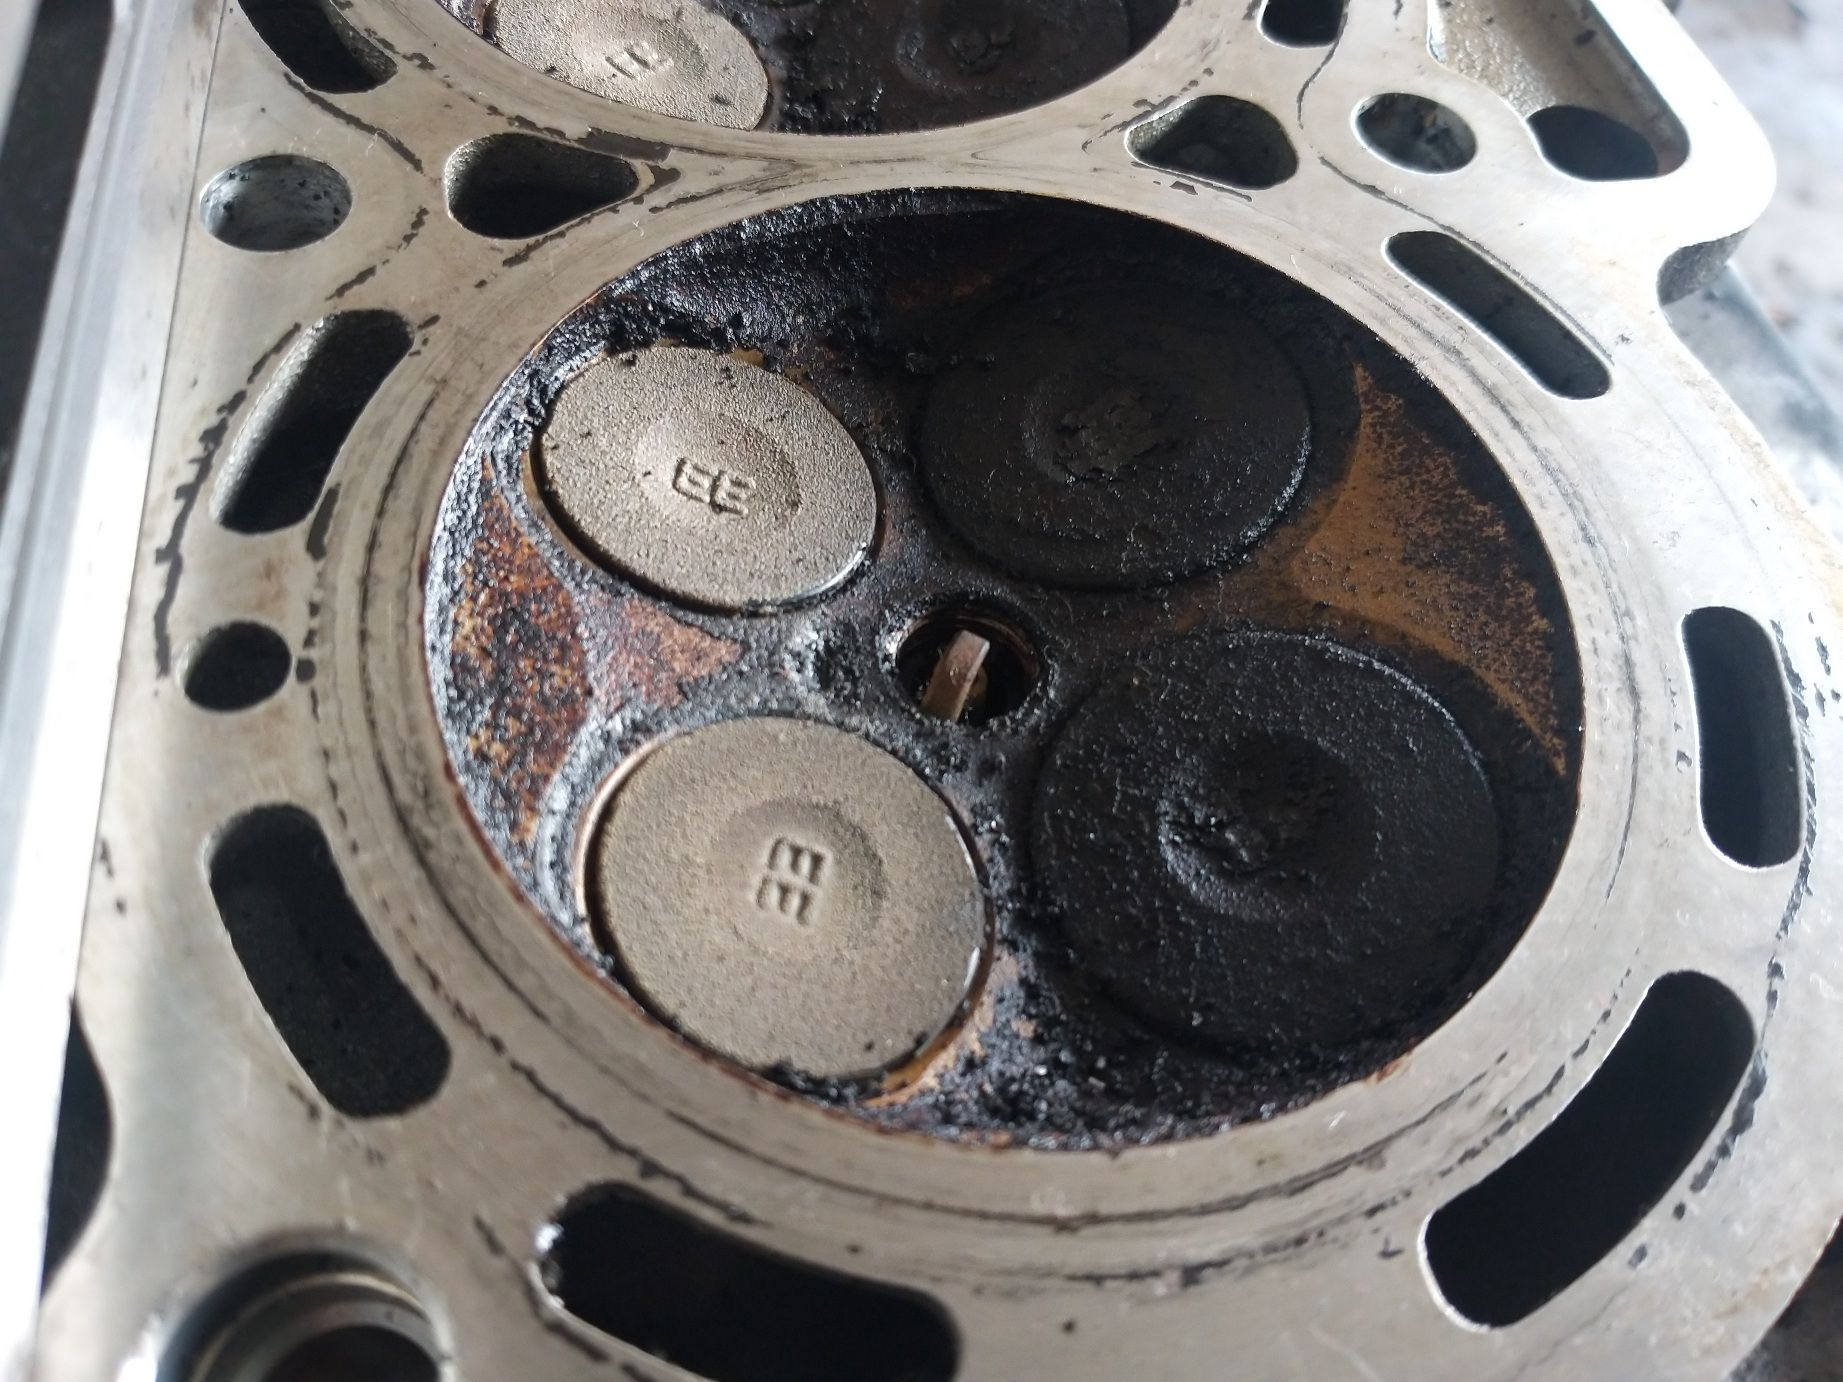 Memperbaiki Drat Busi Mobil Slek Harus Bongkar Mesin, Ini Alasannya